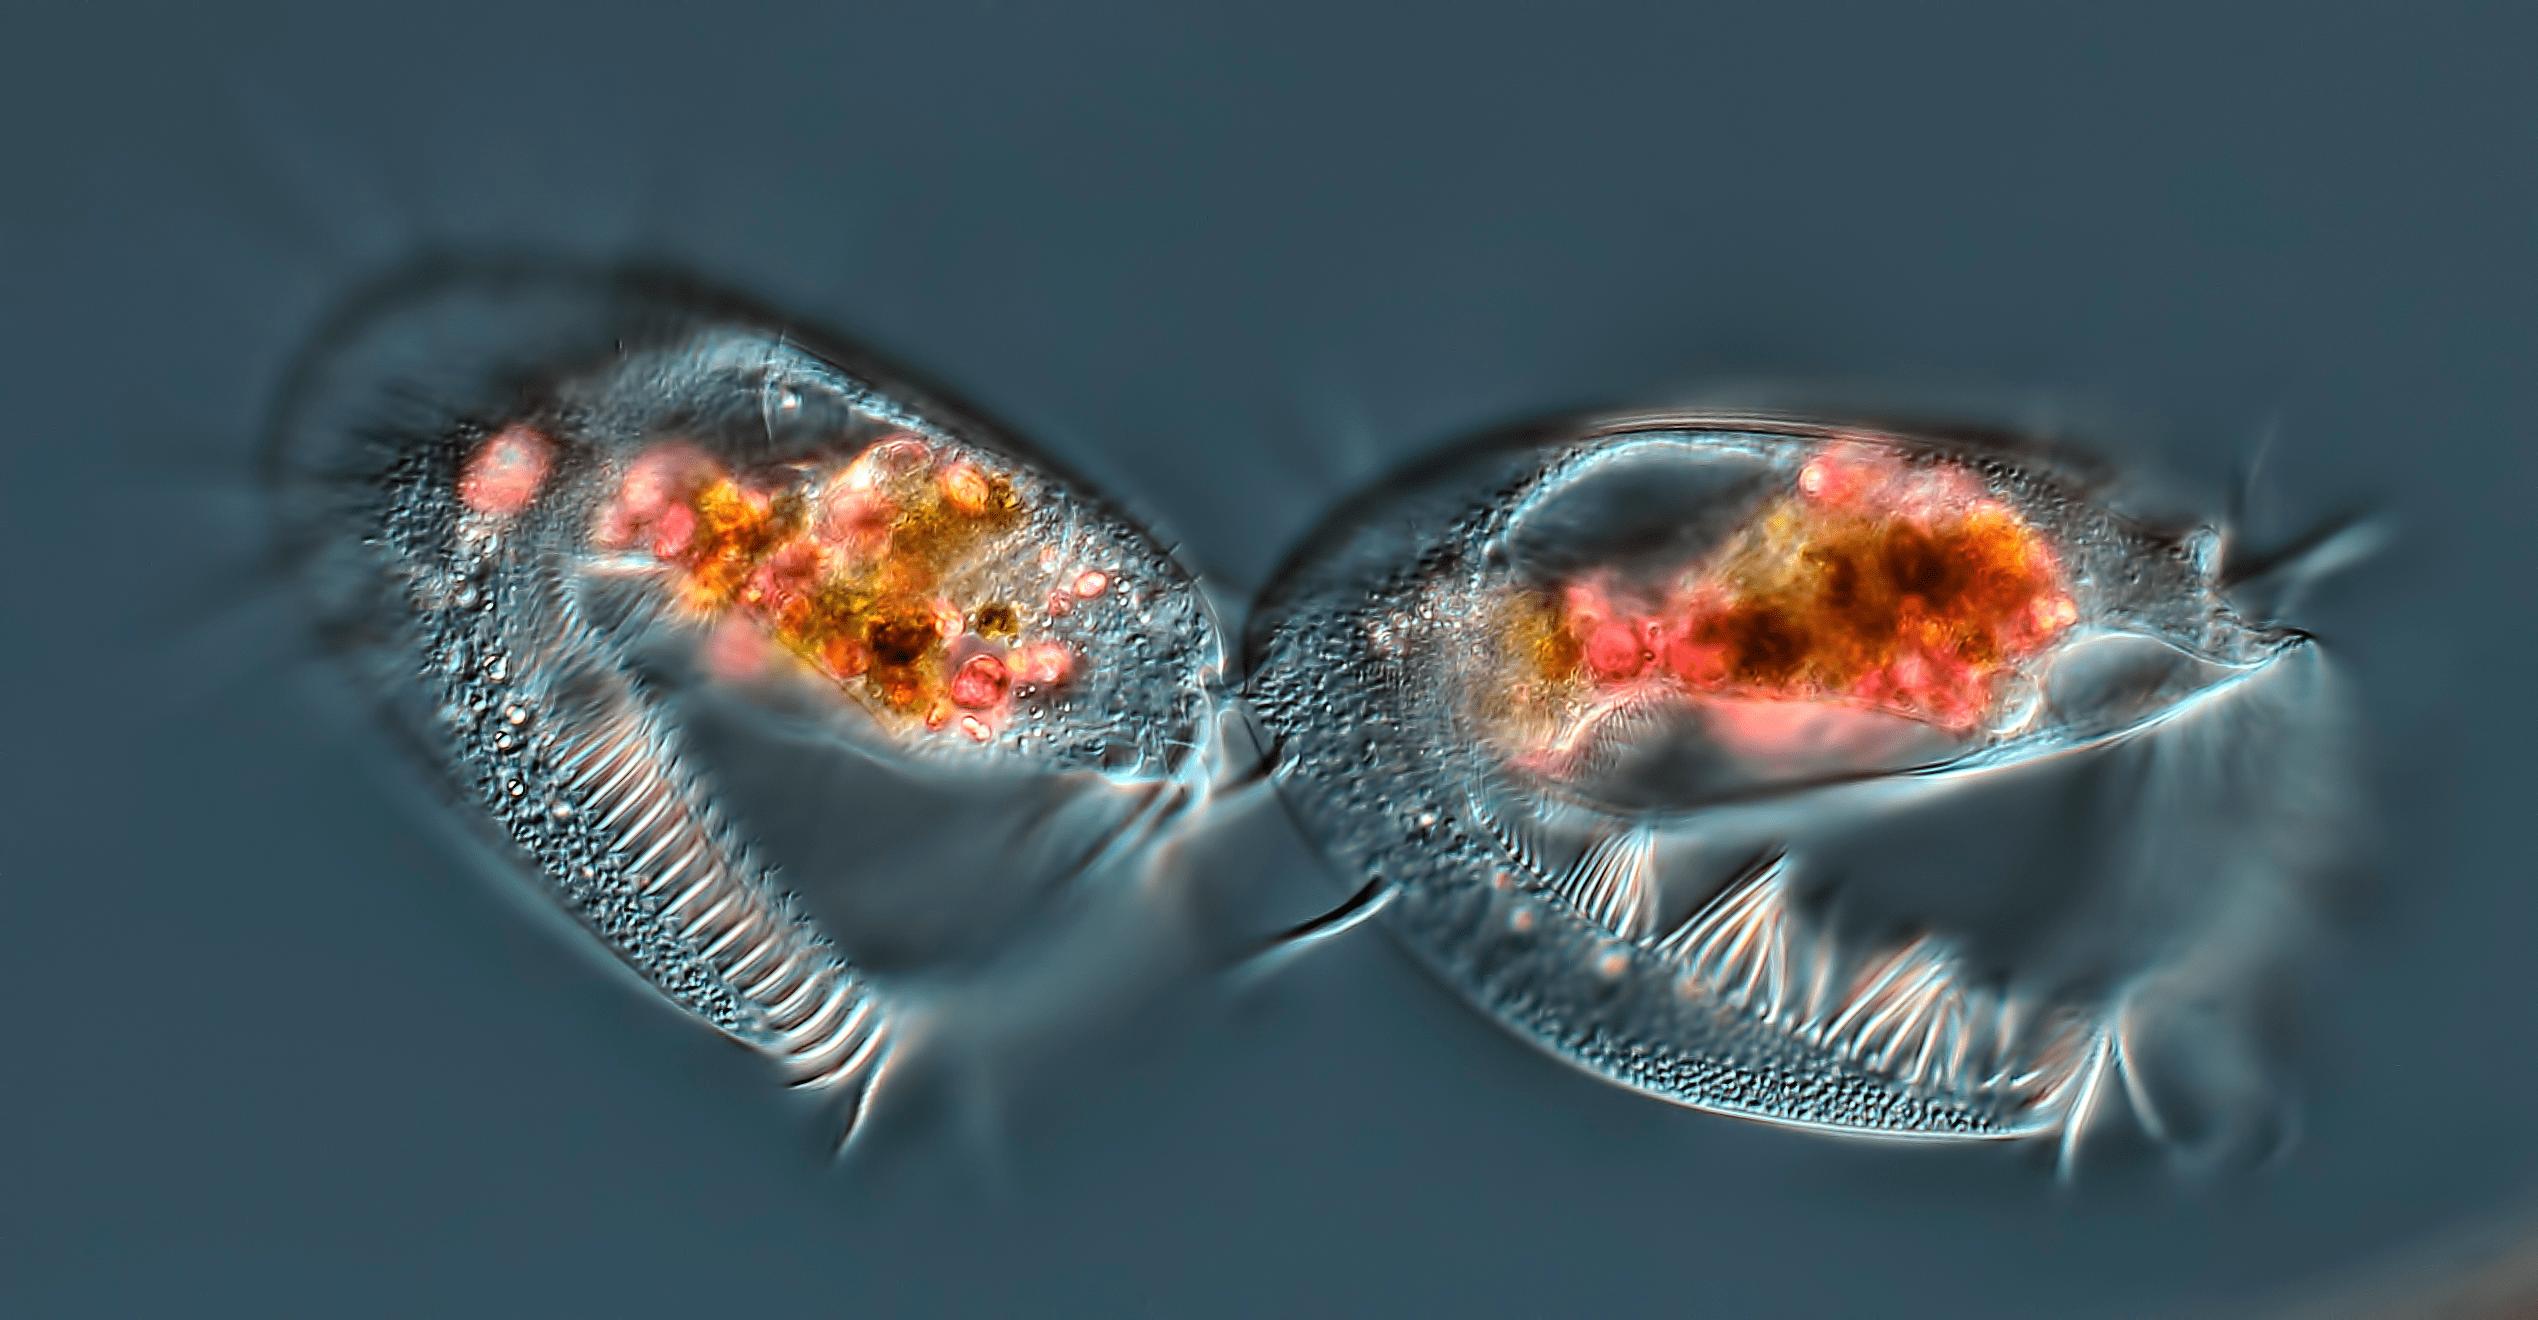 Завершающая стадия клеточного деления инфузории